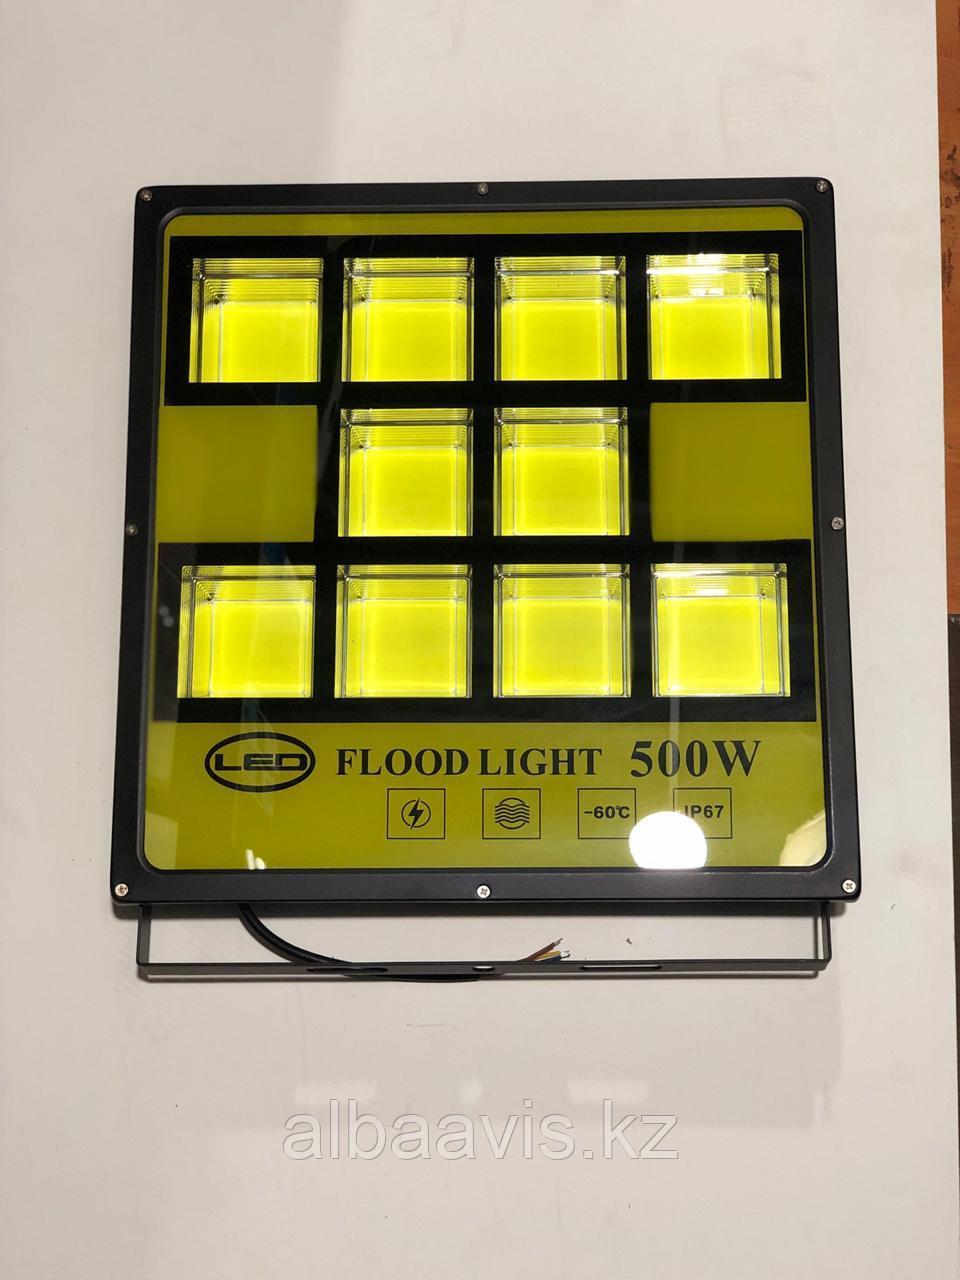 Прожектор светодиодный, софиты лед 500 ватт. Прожектр на стройку, прожектор купить на стоянку, на склад.